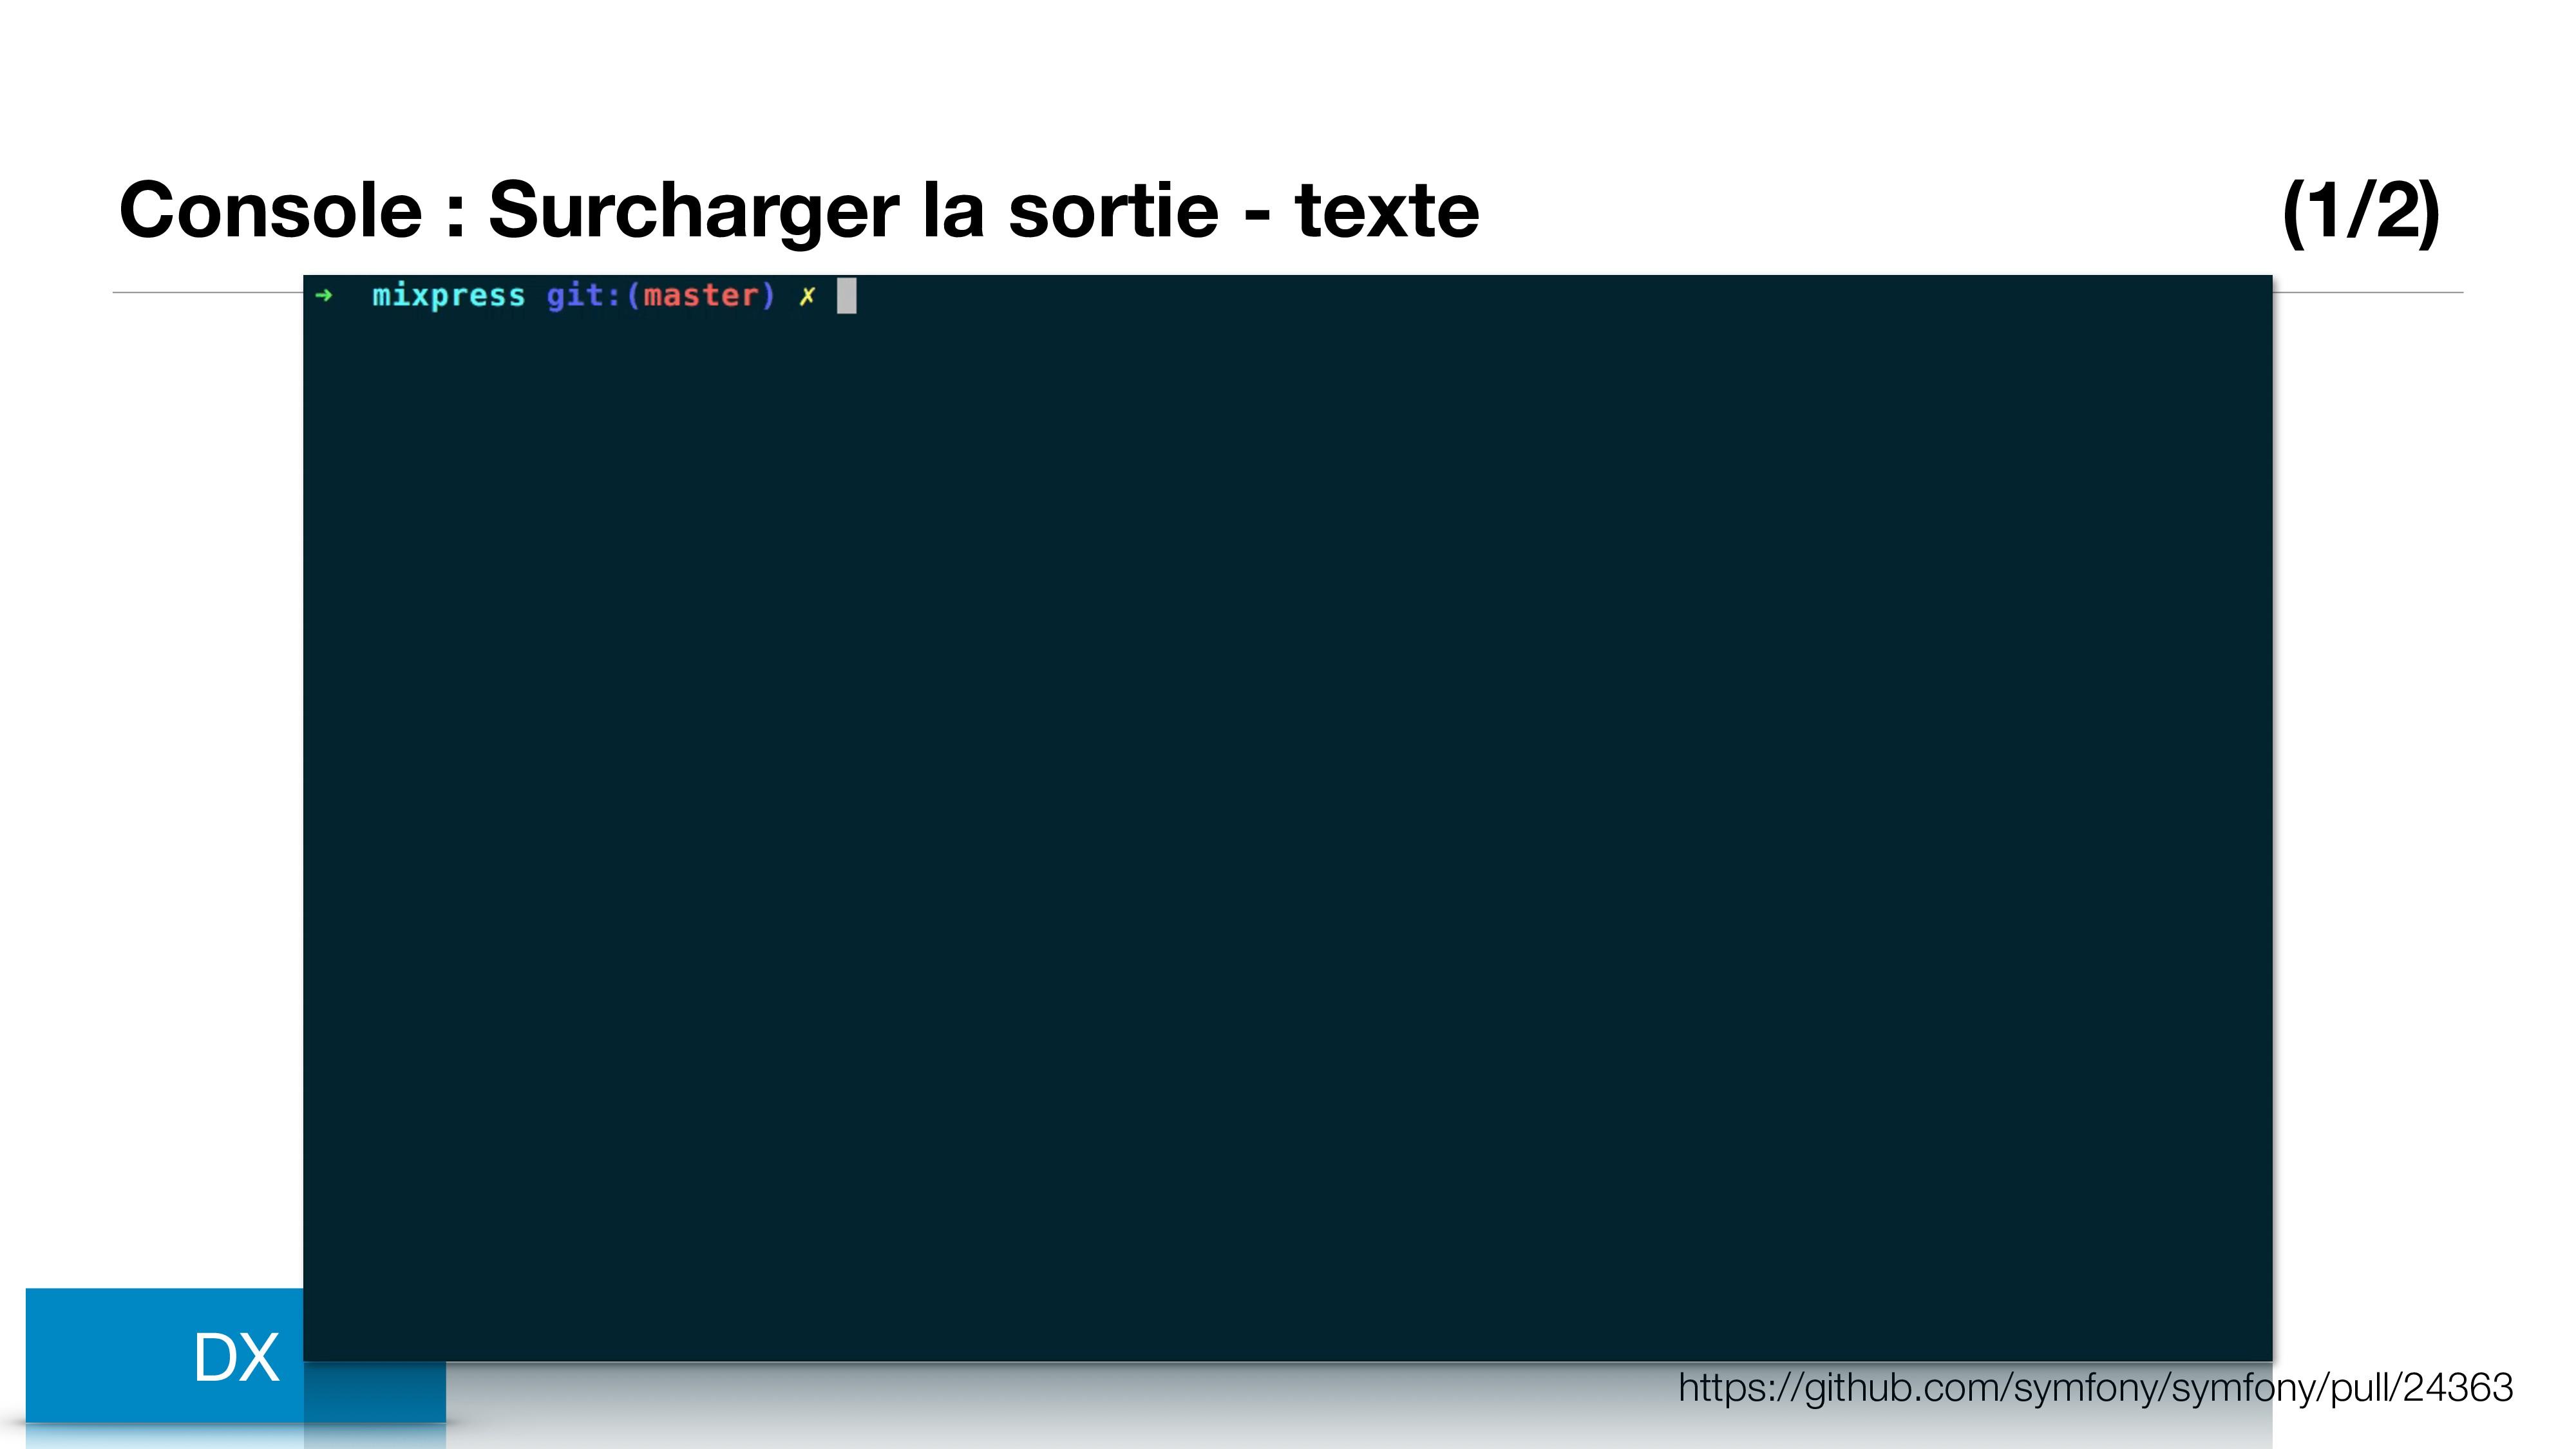 Console : Surcharger la sortie - texte (1/2) DX...